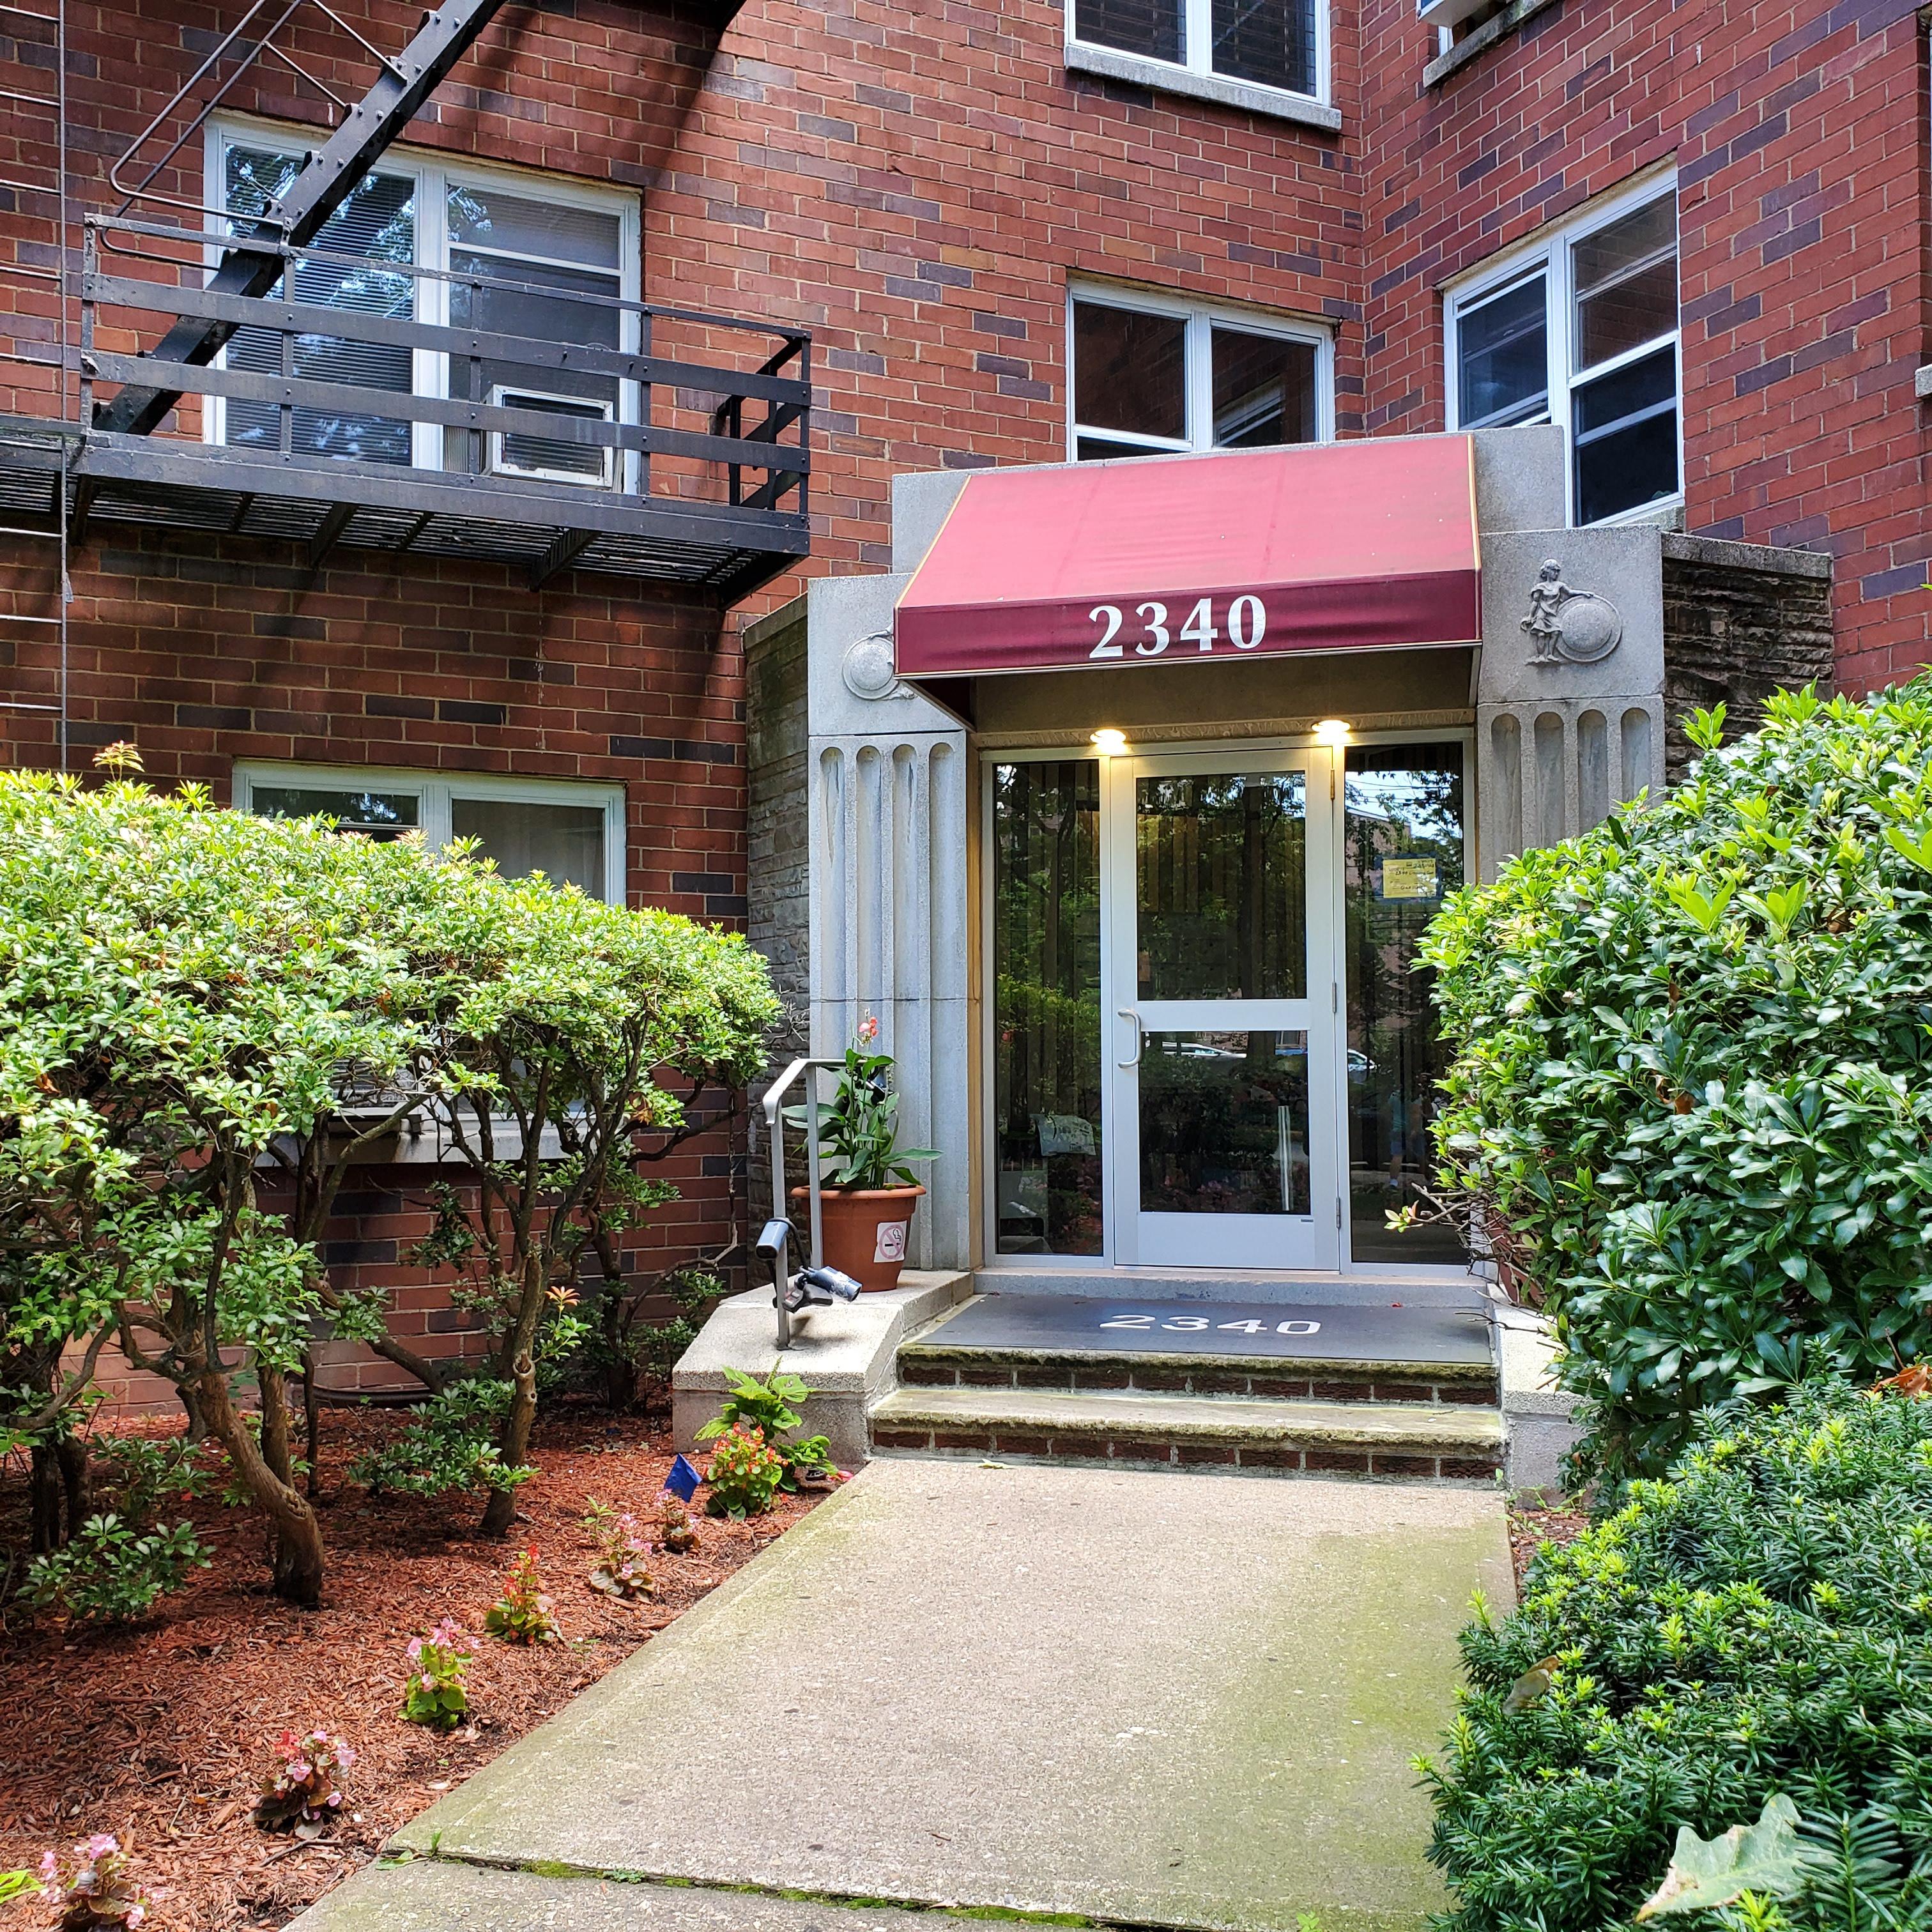 SOLD- 2340 Linwood Ave 5D Fort Lee, NJ 07024 $269,900